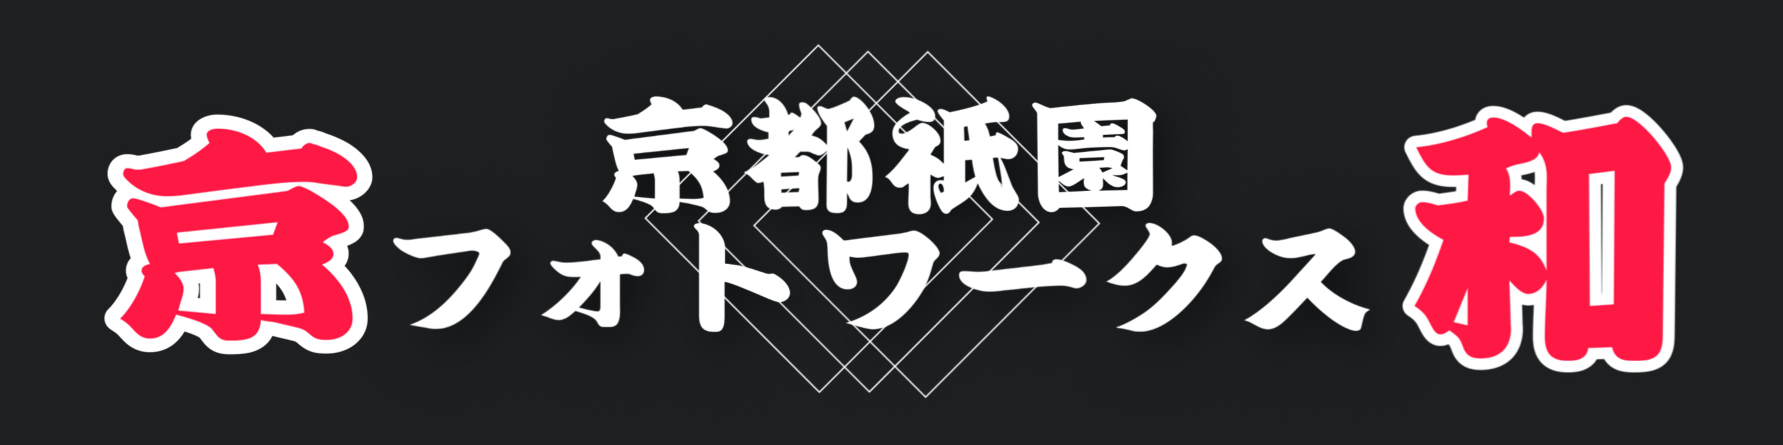 京都祇園 京和フォトワークス